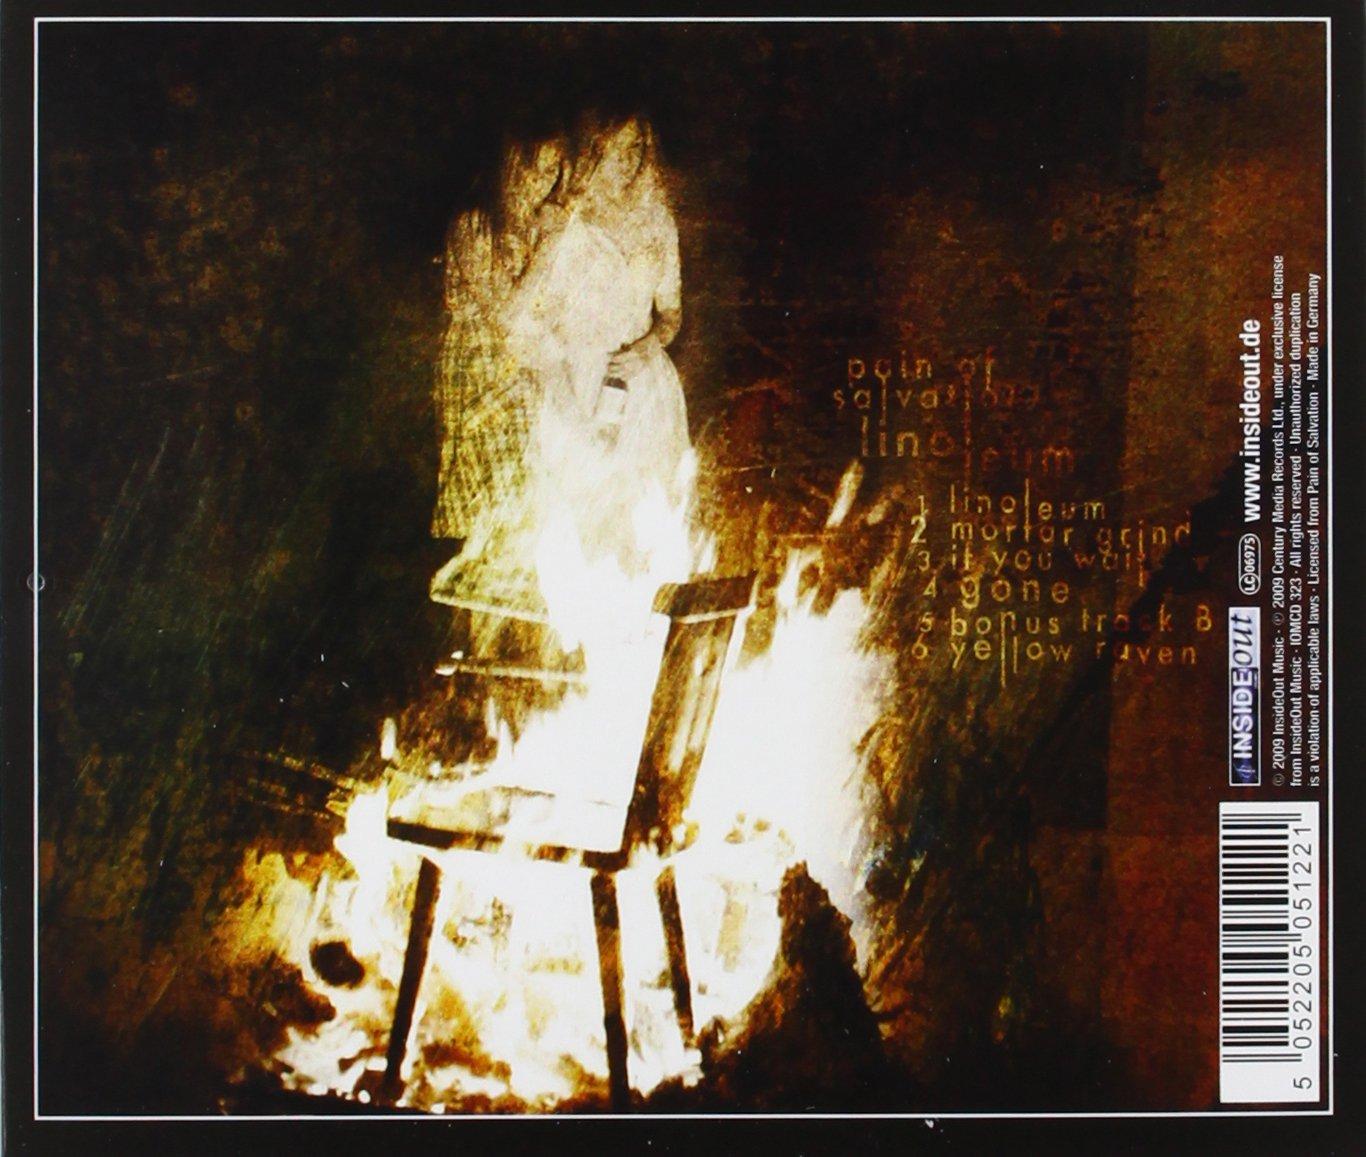 Linoleum (EP)